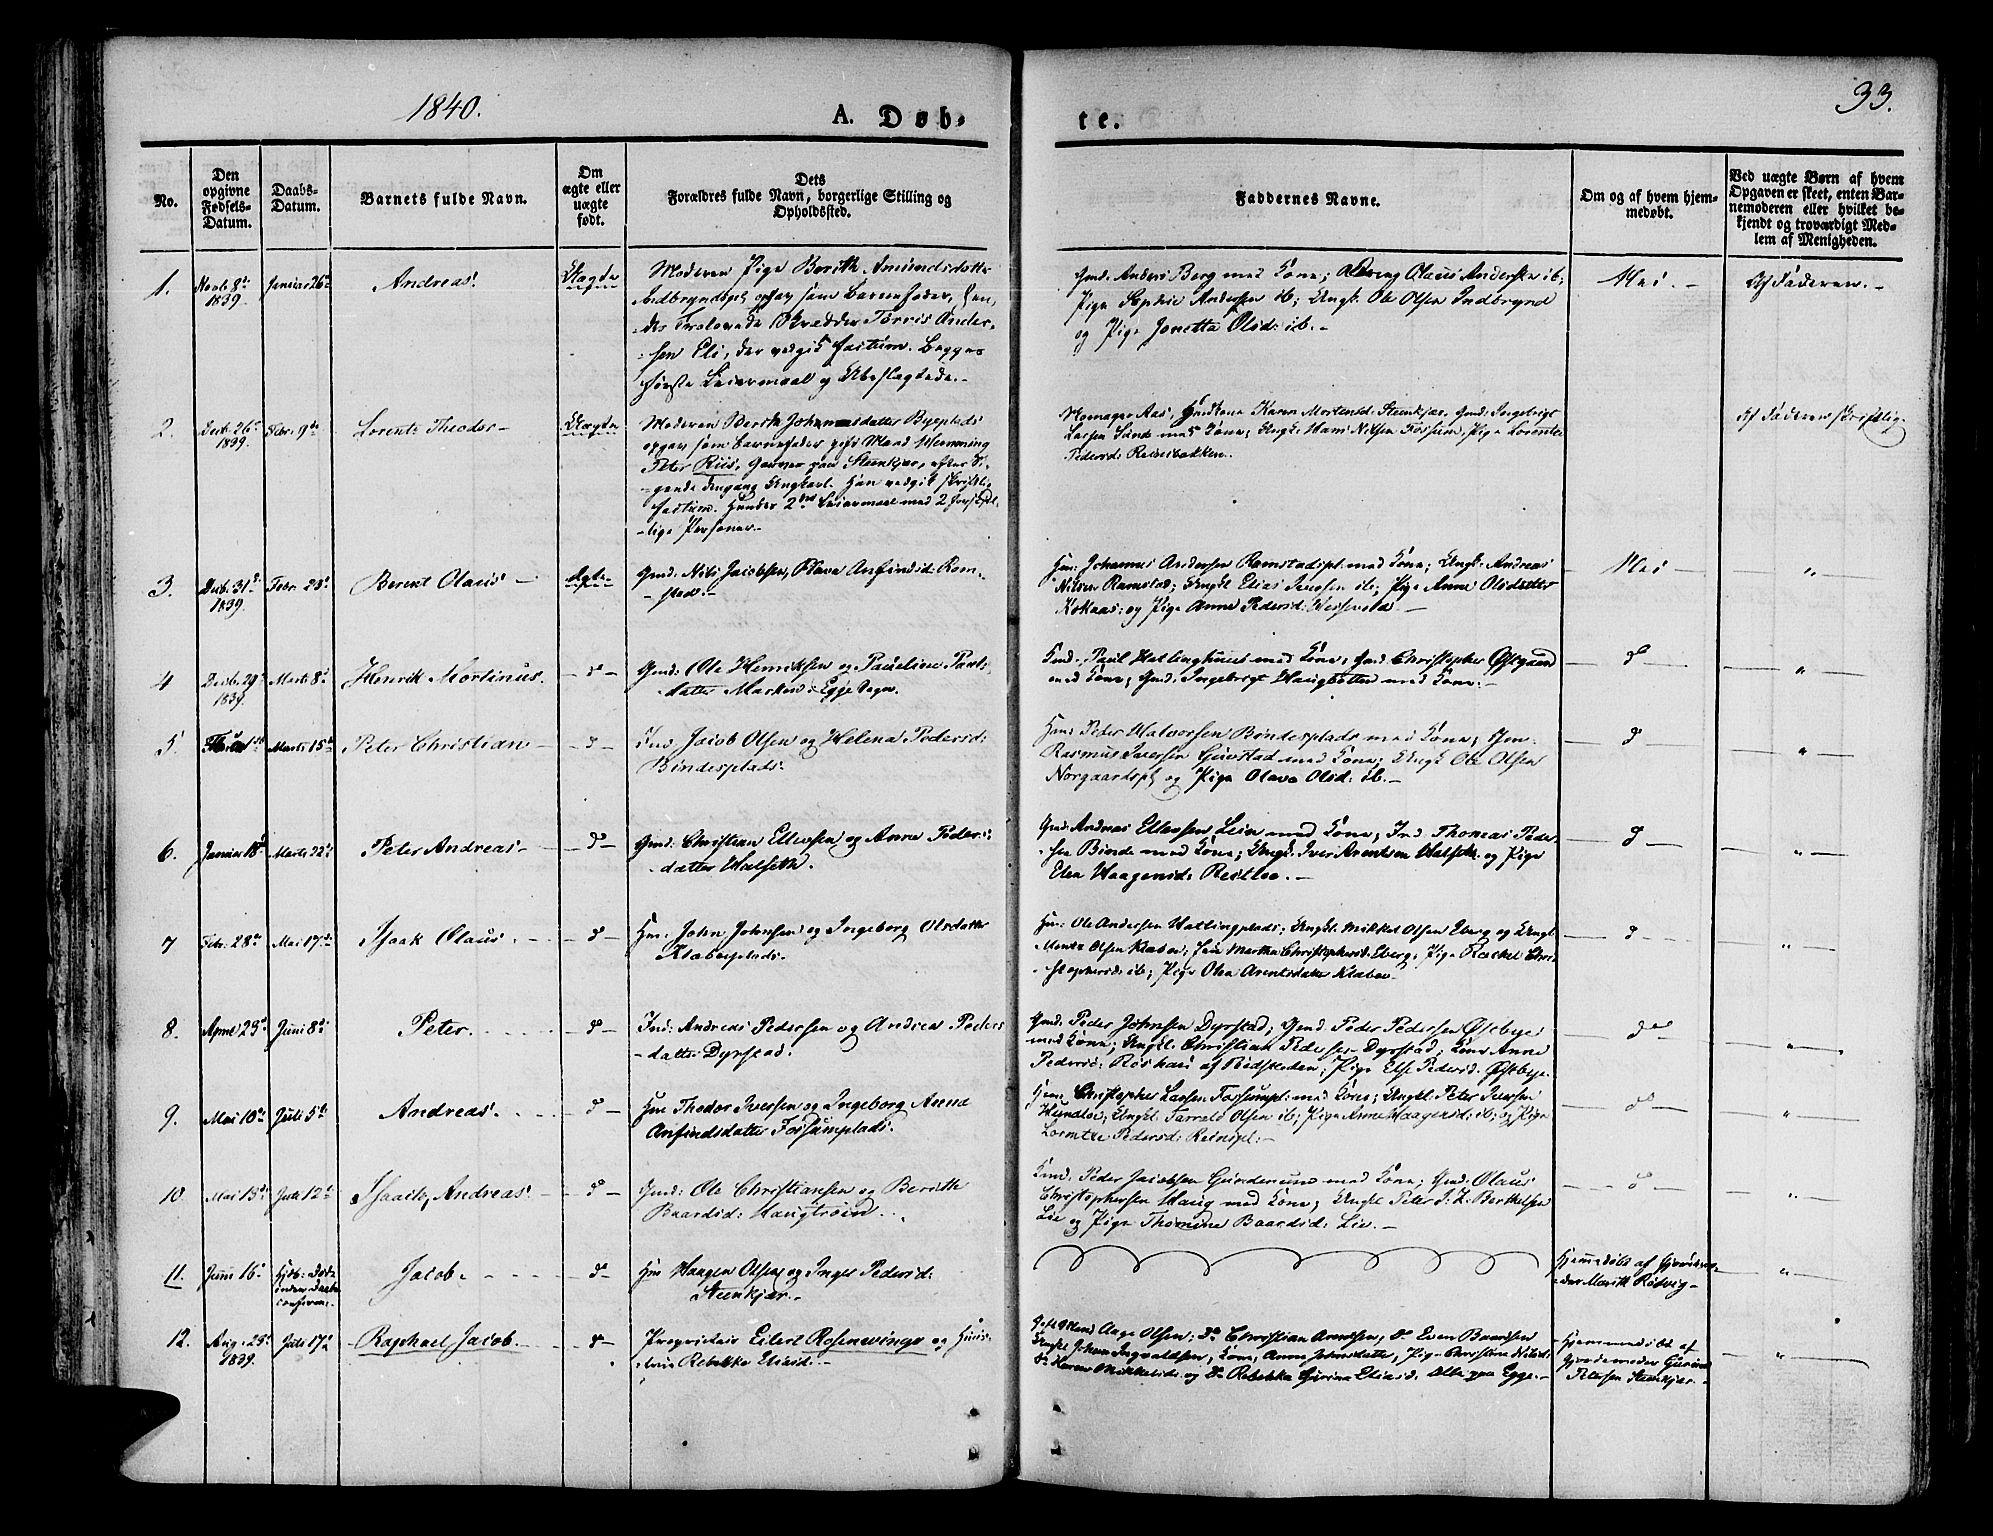 SAT, Ministerialprotokoller, klokkerbøker og fødselsregistre - Nord-Trøndelag, 746/L0445: Ministerialbok nr. 746A04, 1826-1846, s. 33